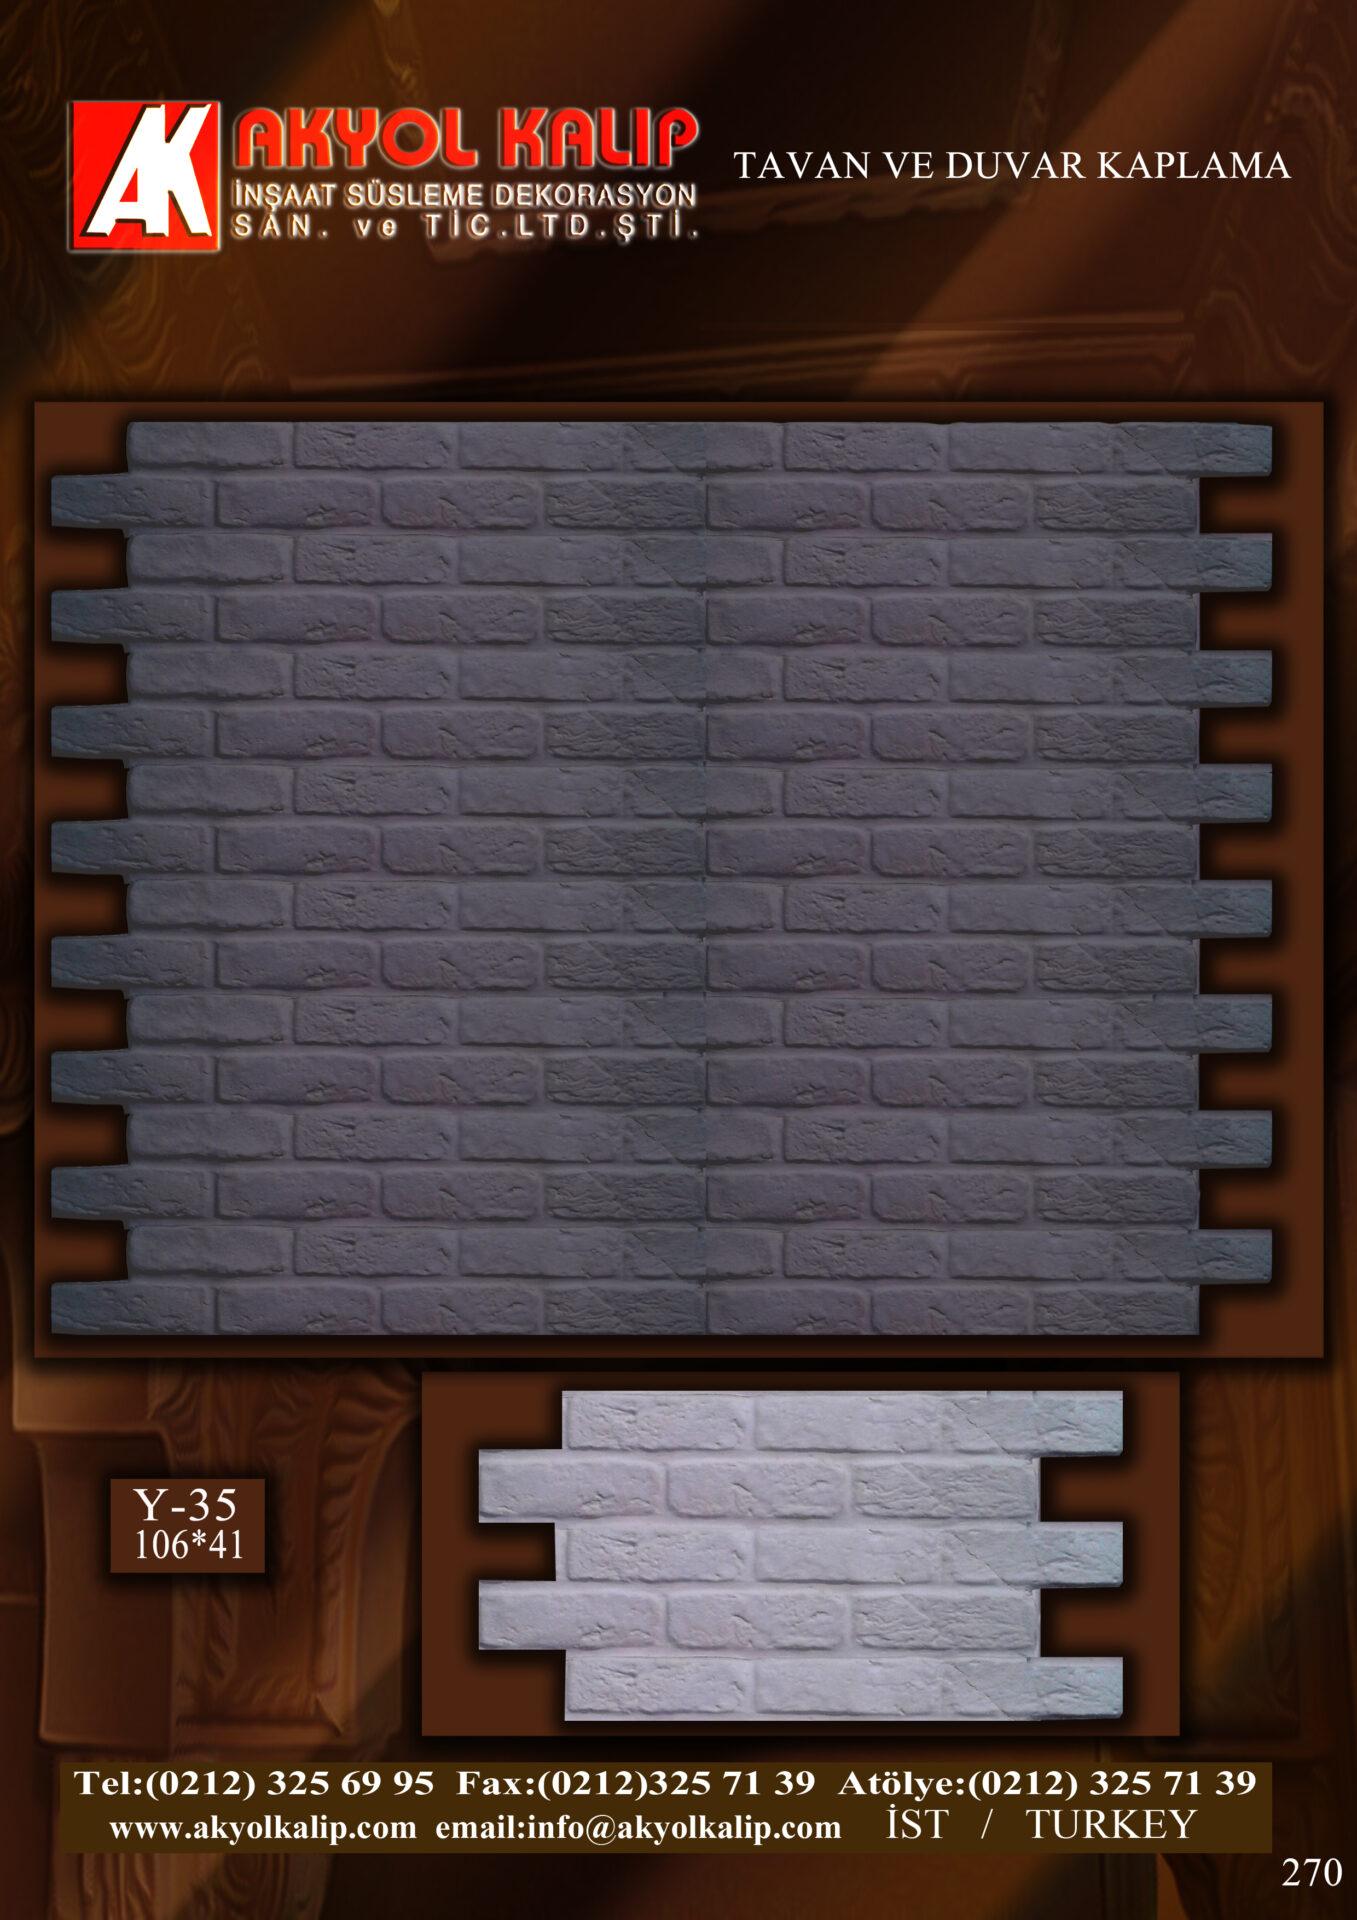 polyester tavan kaplama kalıpları, alçı tavan kaplama kalıpları, silikon tavan kaplama kalıpları, polyester duvar kaplama kalıpları, alçı duvar kaplama kalıpları, dekoratif duvar kaplama modelleri, dekoratif duvar kaplama kalıpları, dekoratif tavan kaplama kalıpları, dekoratif tavan kaplama modeleri, yeni duvar kaplamalar, yeni alçı tavan kaplamaları, polyester kaplama kalıp fiyatları, alçı kaplama kalıp fiyatları, özel alçı kaplama modelleri